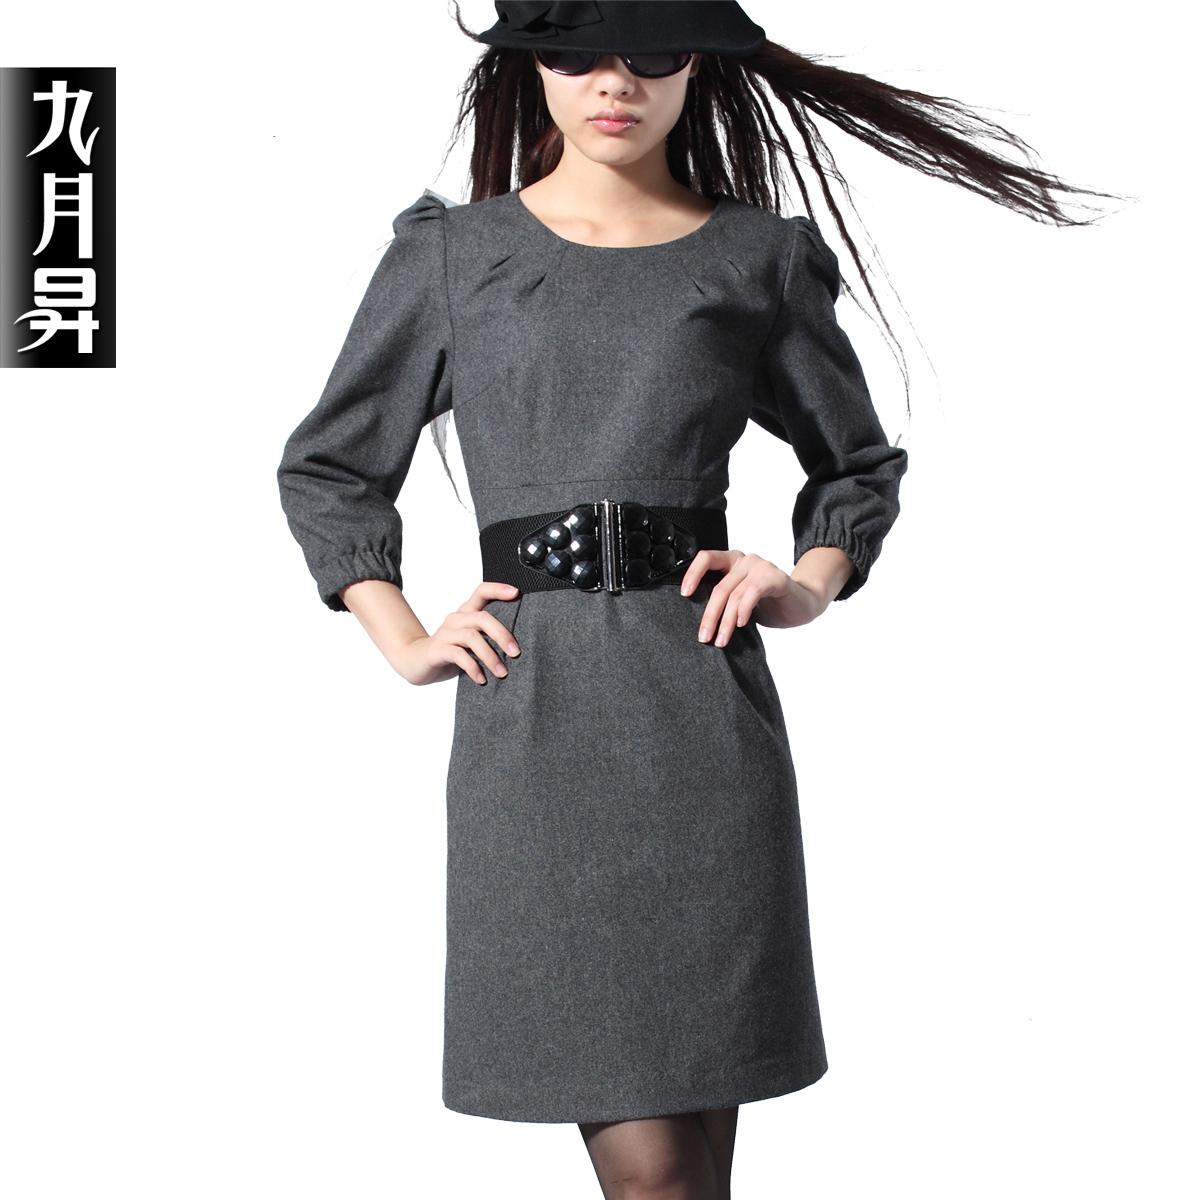 Женское платье September l 105034 Шерсть